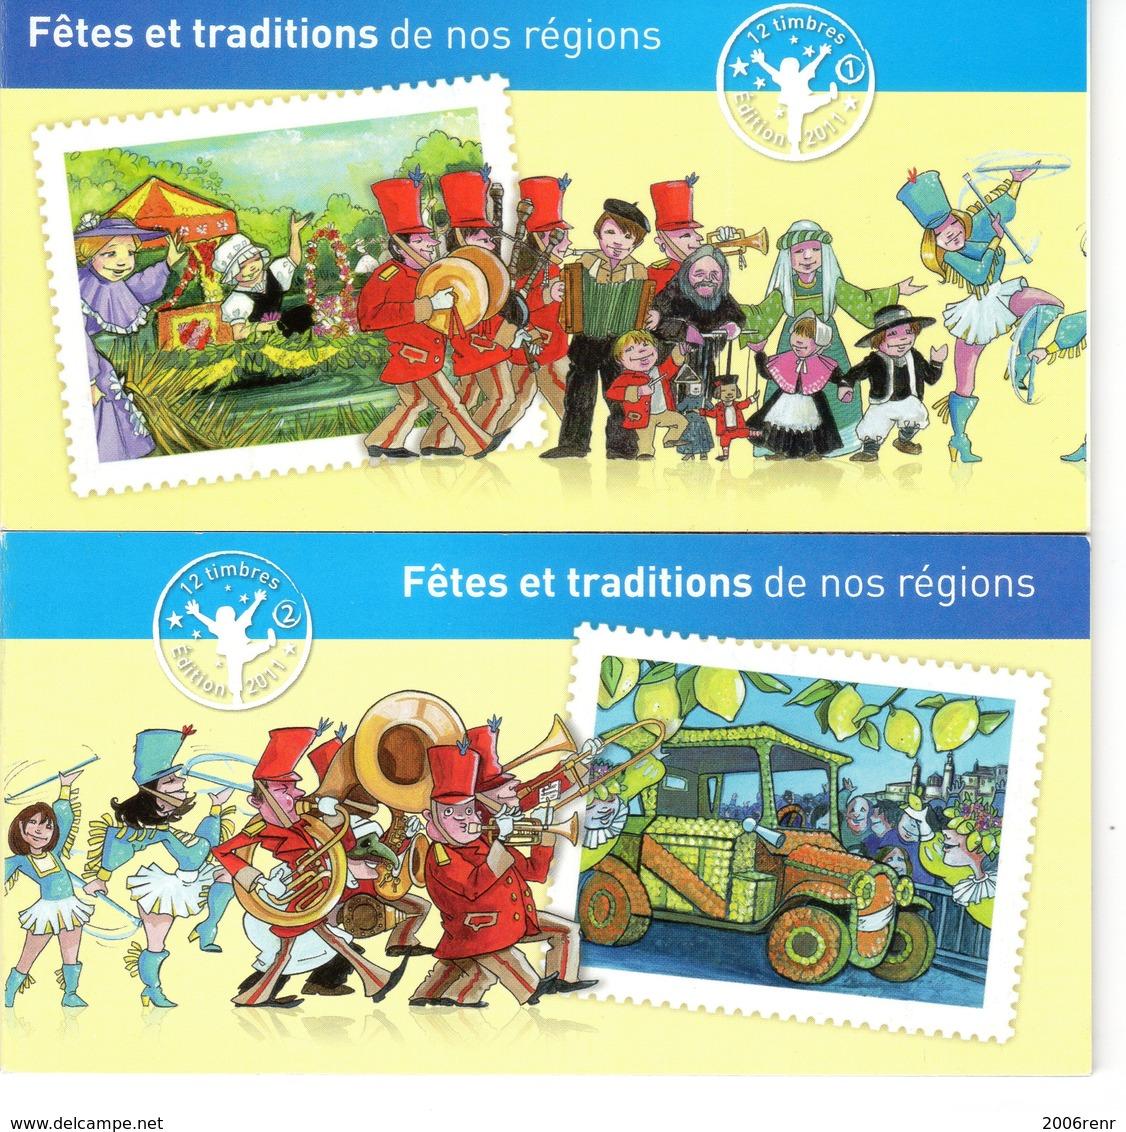 CARNETS (2) FÊTES ET TRADITIONS DE NOS REGIONS. 2011 VOIR DESCRIPTION ET SCANS RECTO/VERSO - Markenheftchen